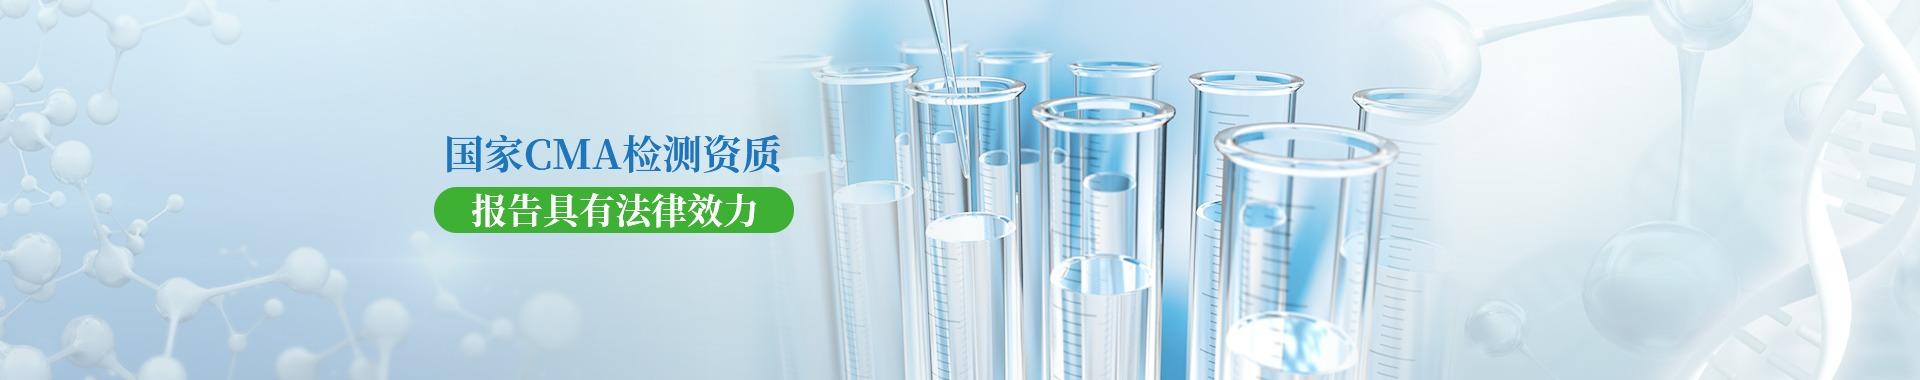 信一检测-专注环境监测 为企事业单位提供环境监测服务